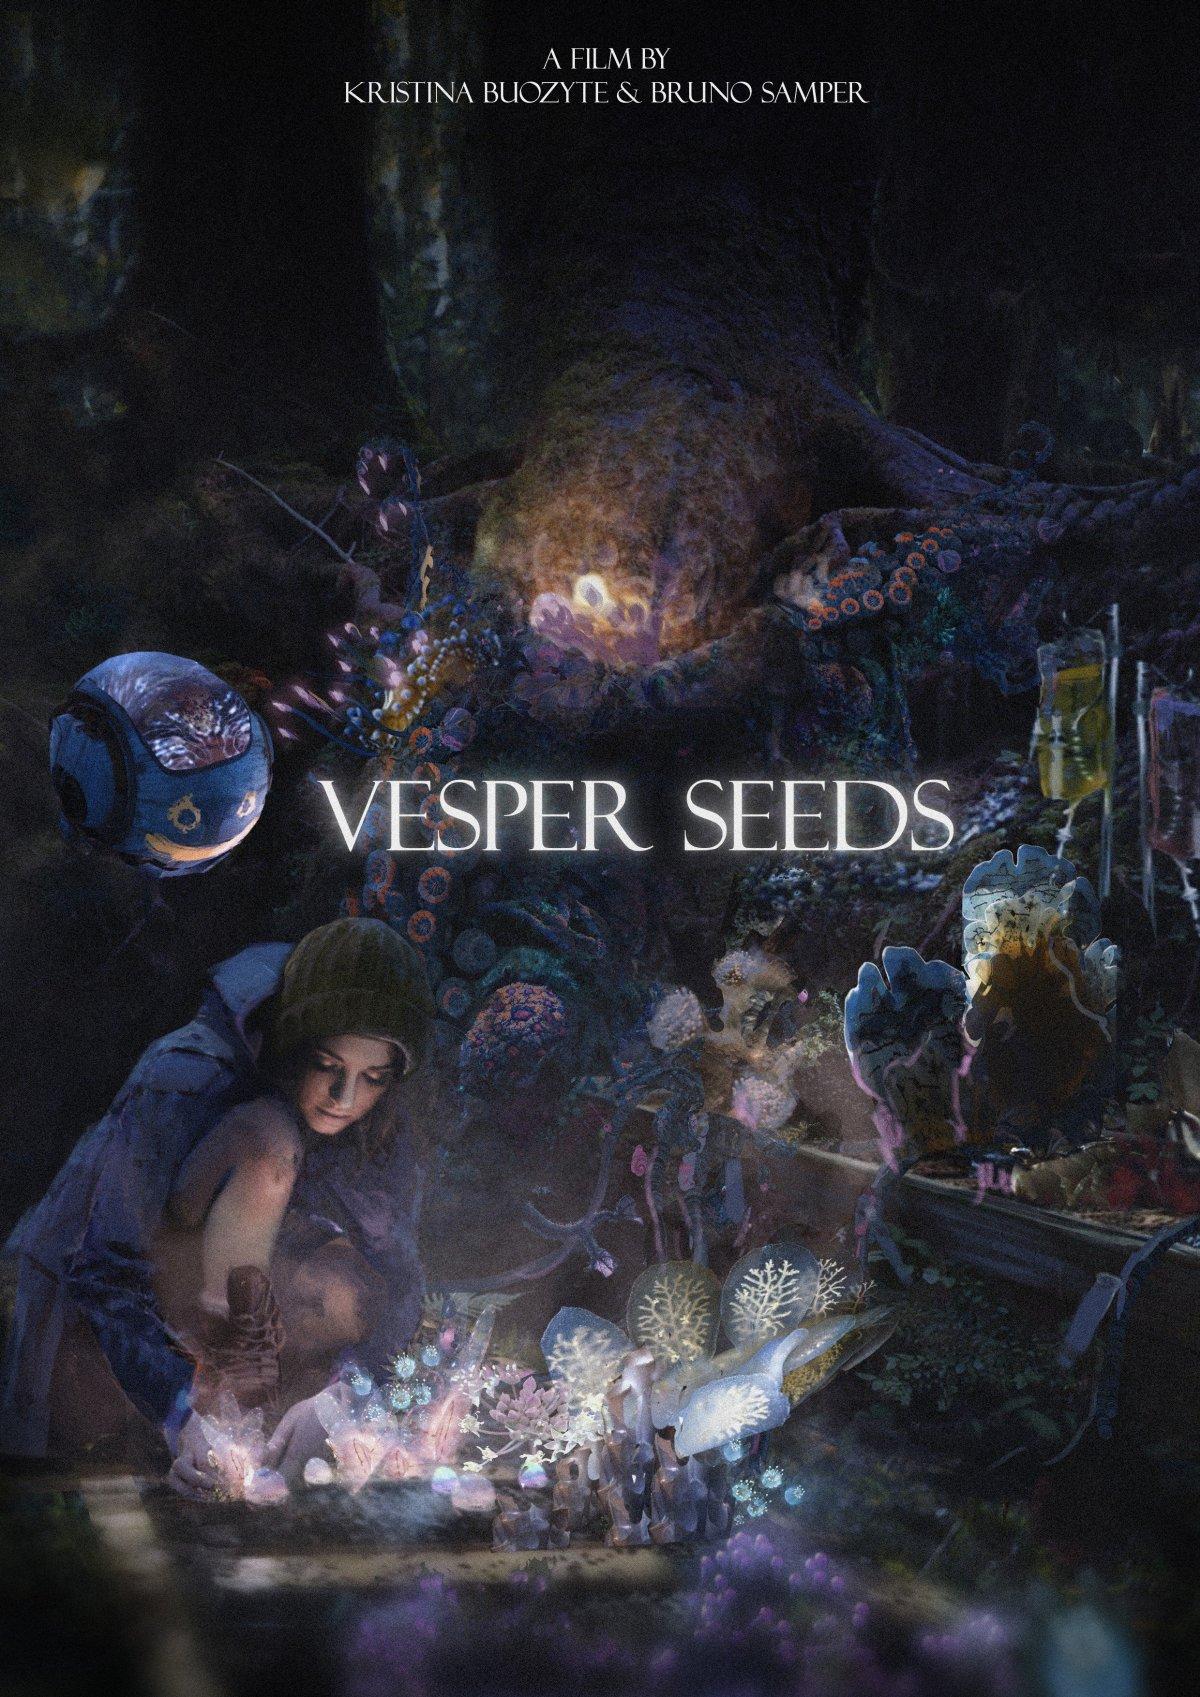 Vesper Seeds